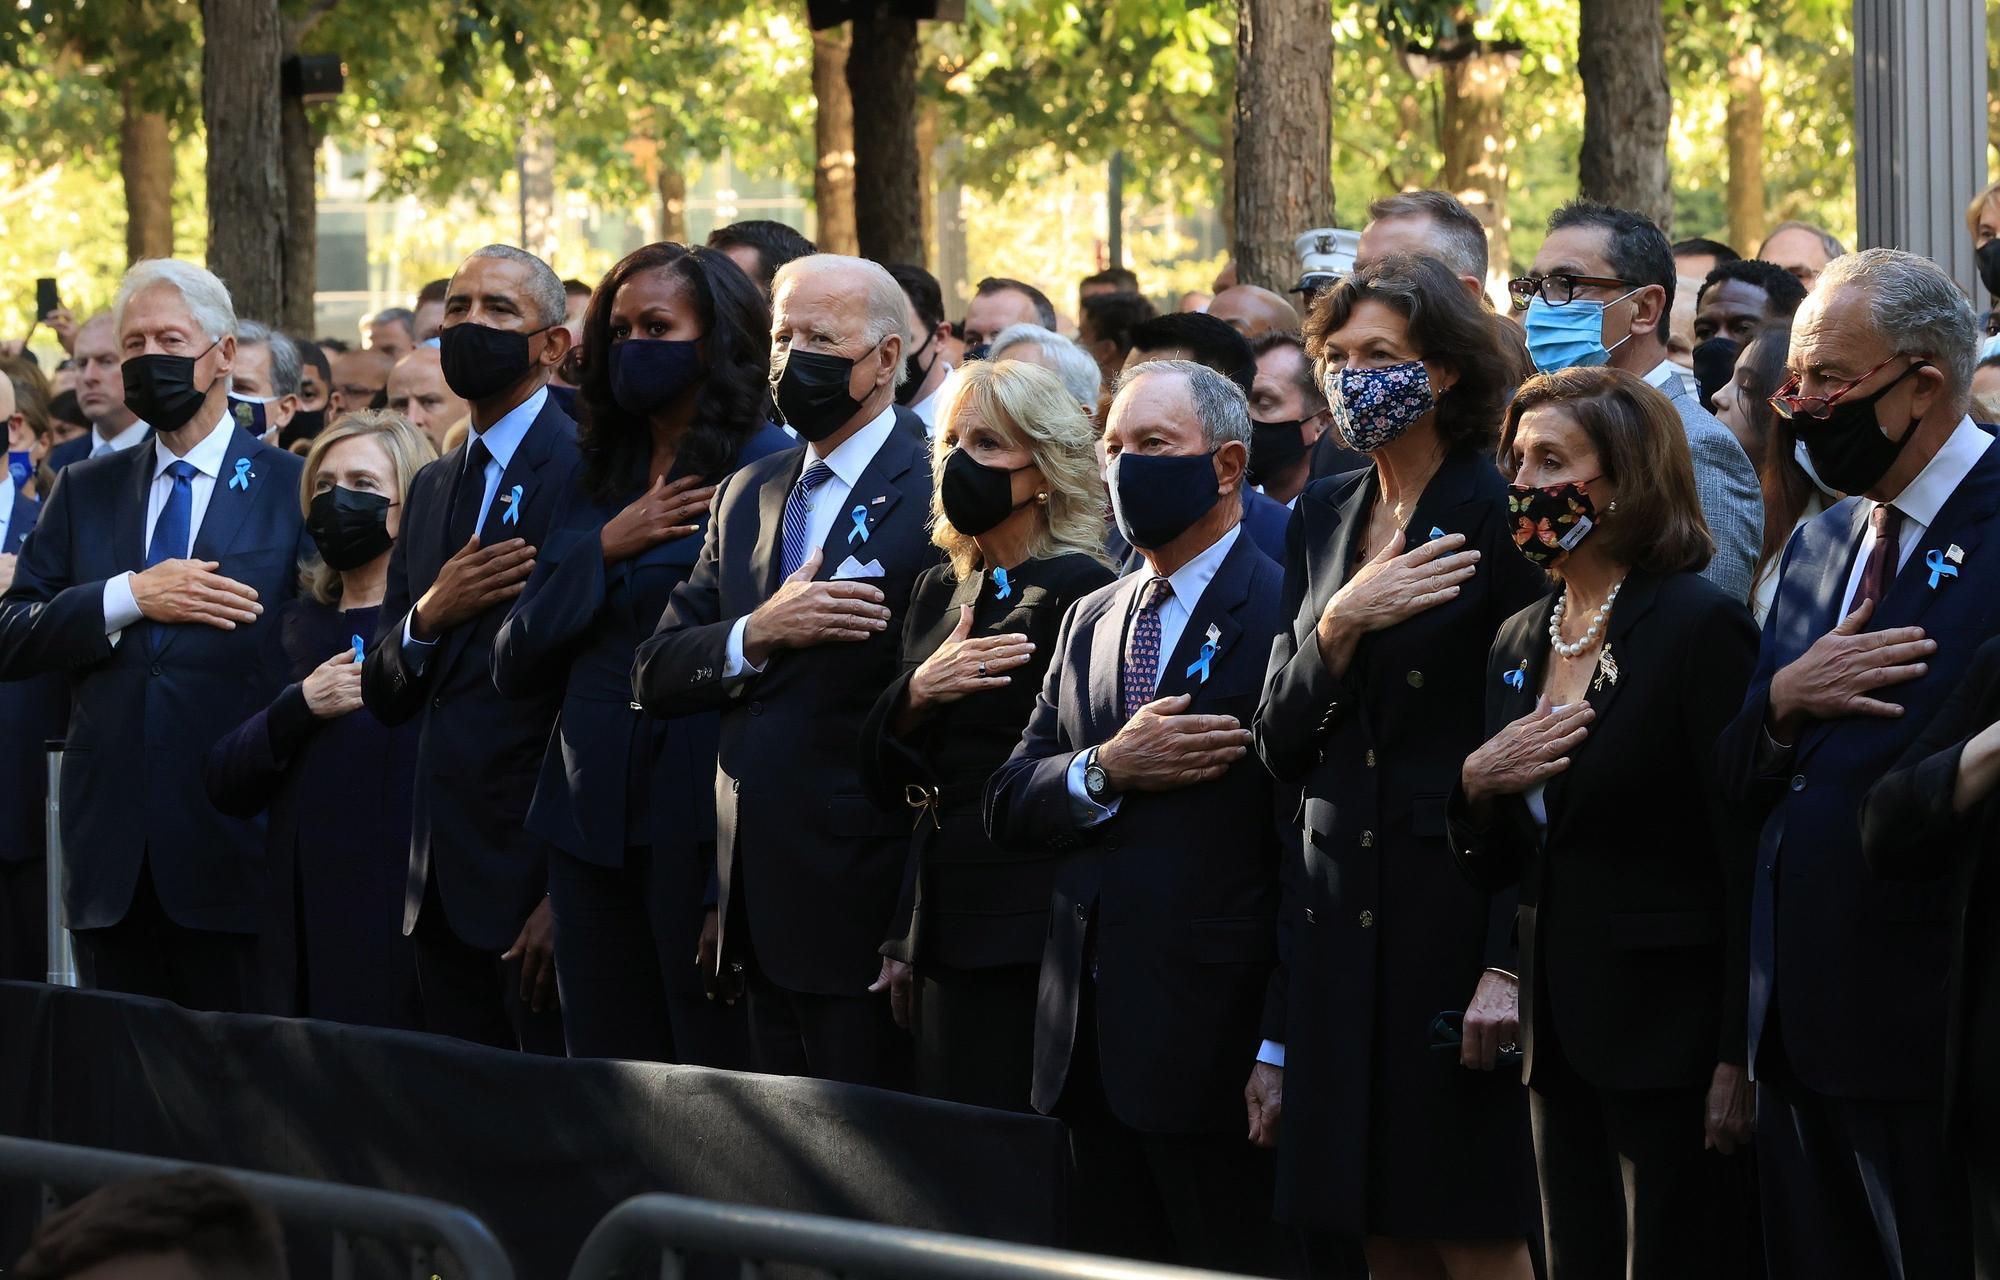 Acto de homenaje a las víctimas del 11-S en Nueva York